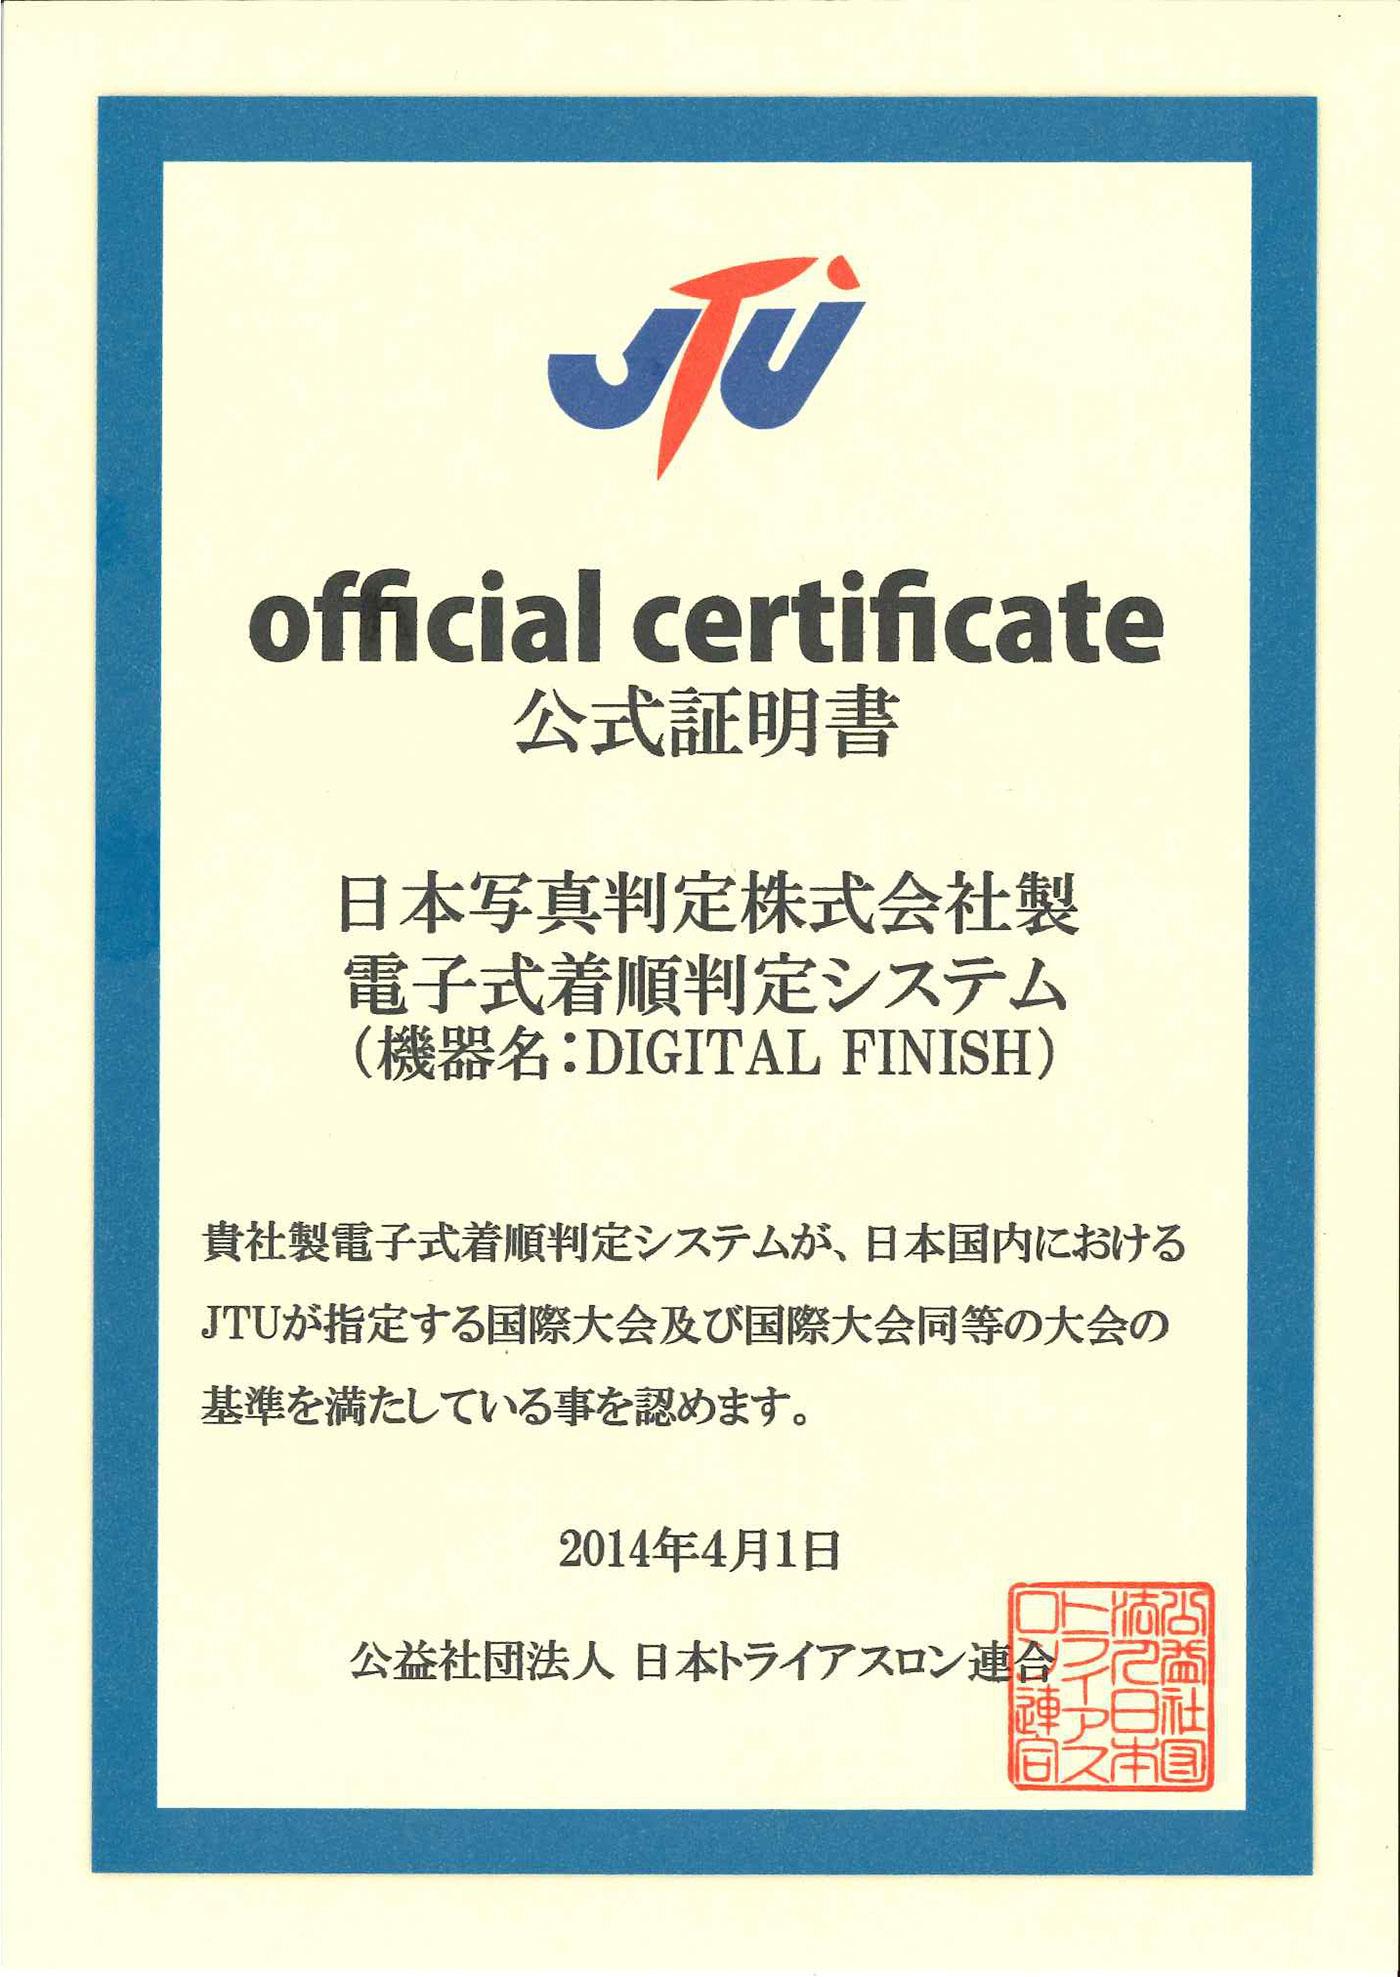 公益財団法人日本トライアスロン連合公認証明書